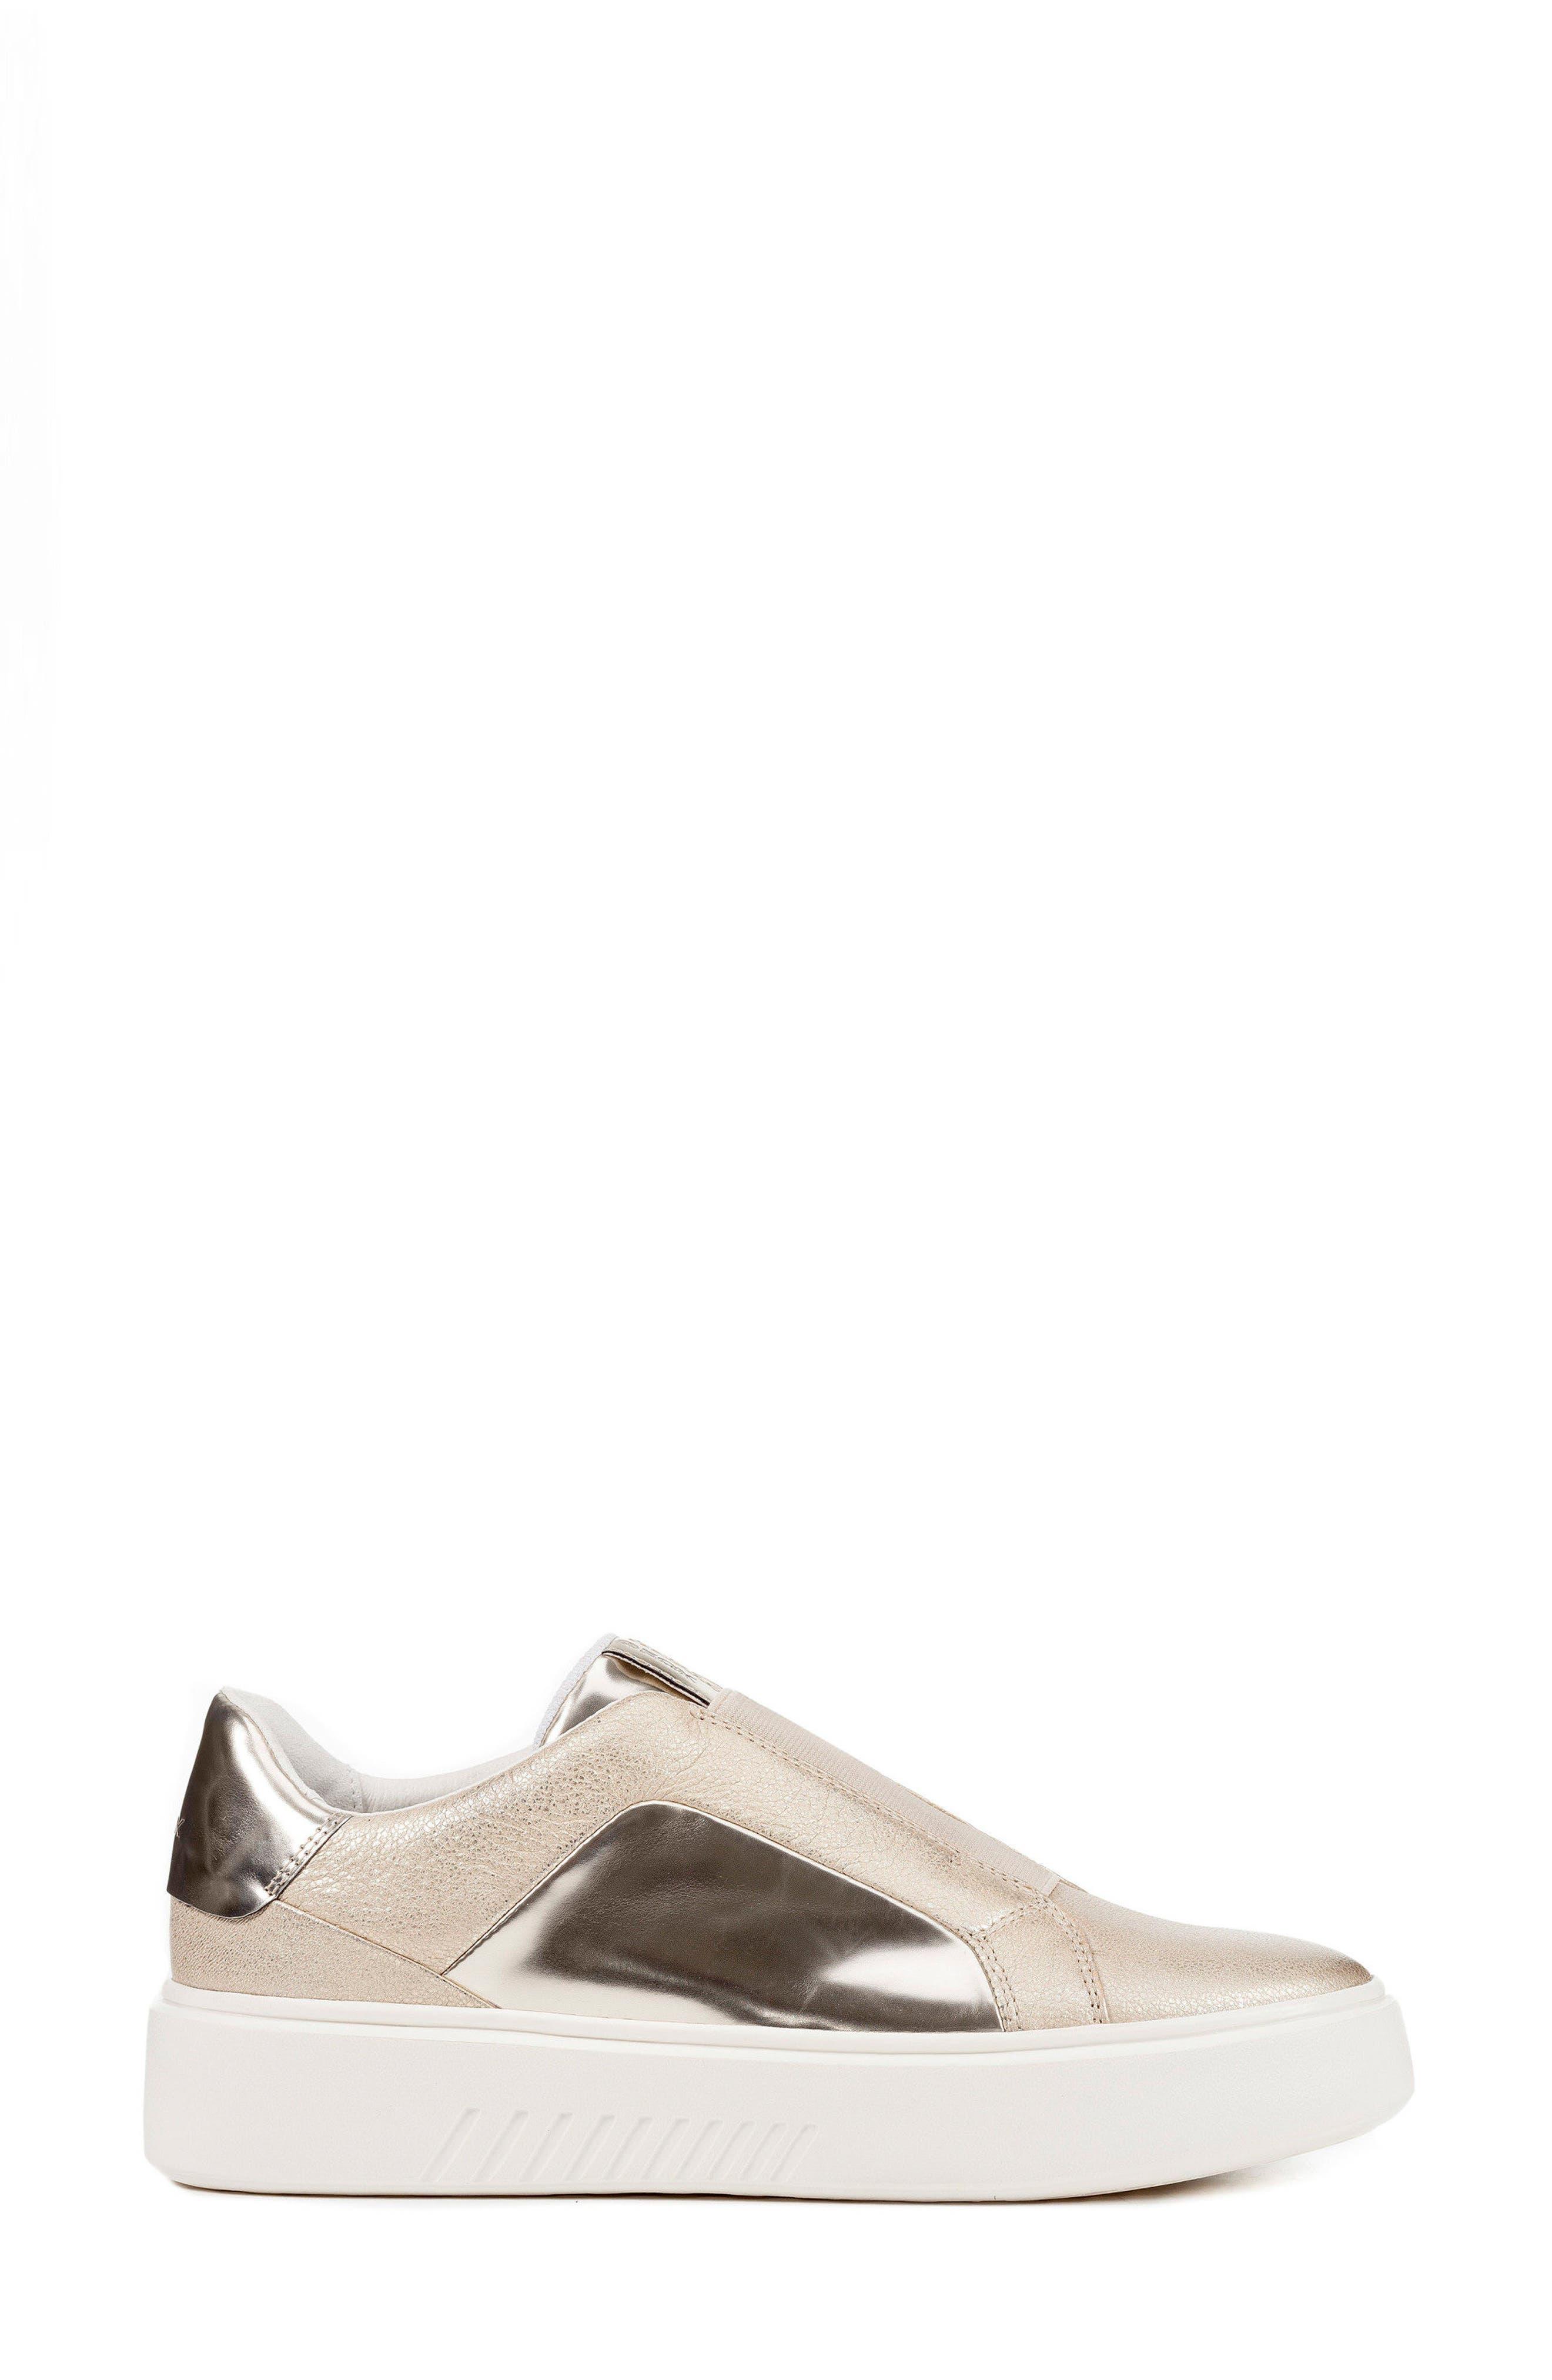 Nhenbus Slip-On Sneaker,                             Alternate thumbnail 6, color,